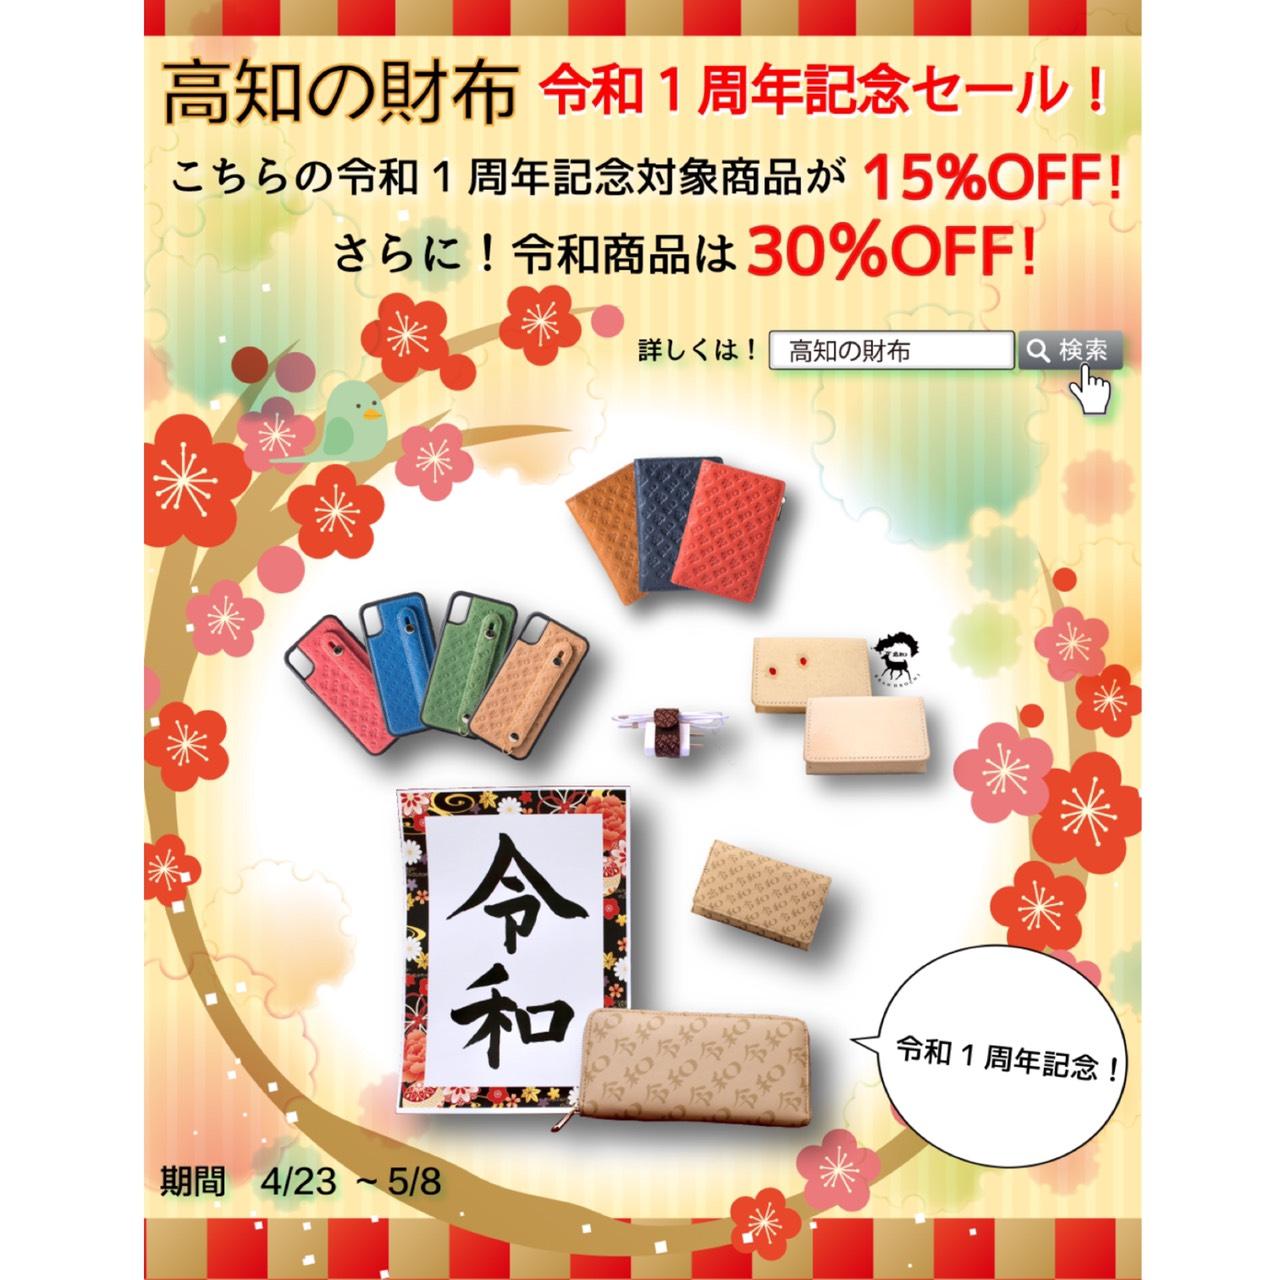 【セール】4月23日より高知の財布令和1周年記念セールを開始!対象商品が最大30%OFF!!